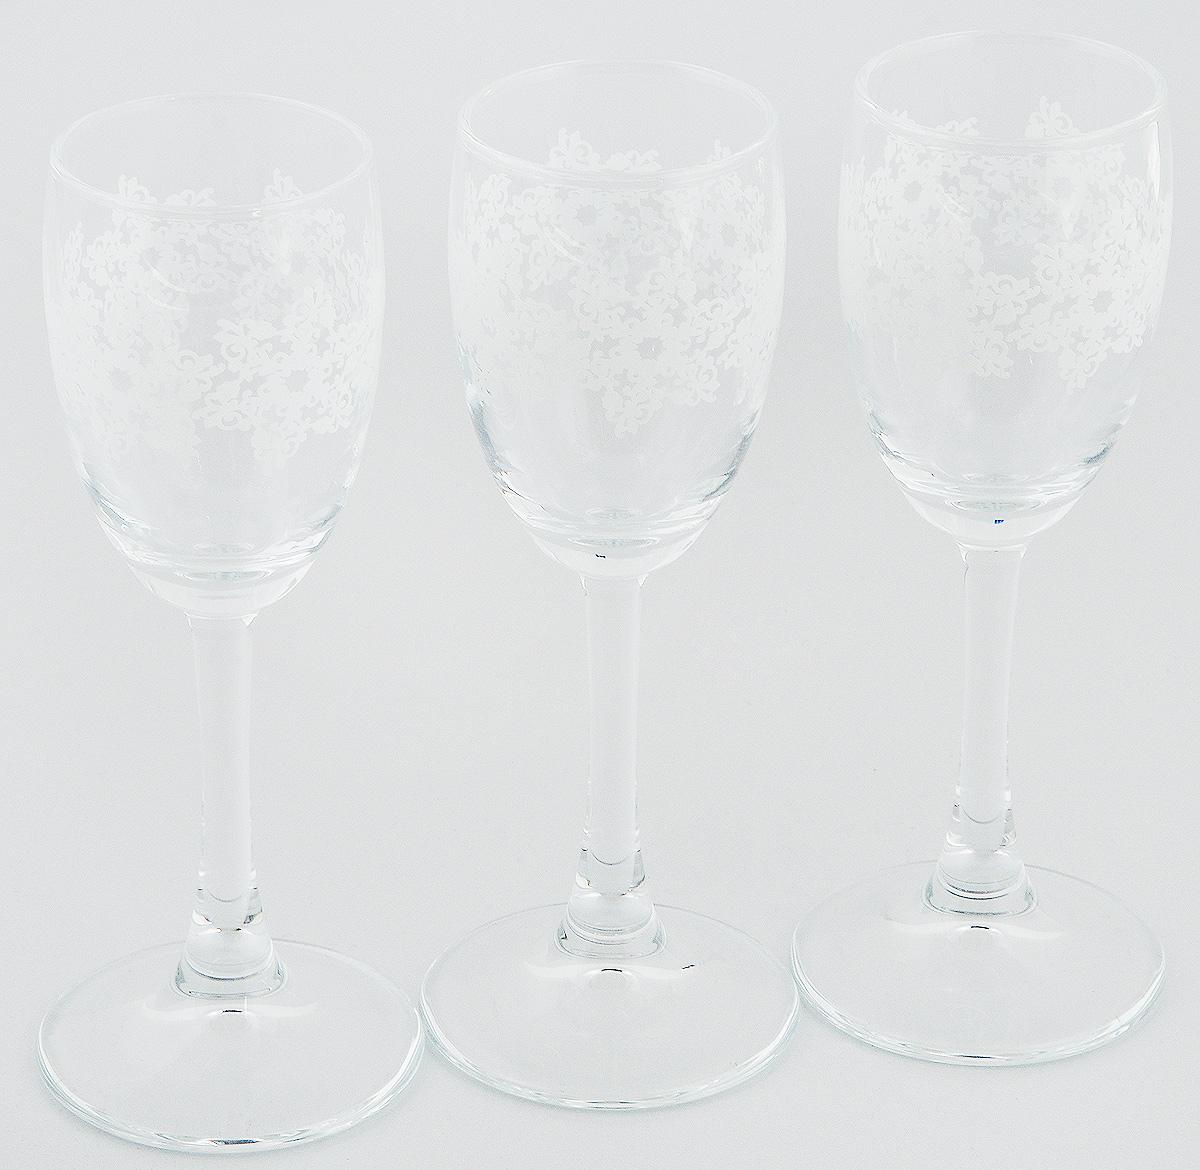 Набор рюмок Pasabahce Workshop Барокко, 60 мл, 3 штVT-1520(SR)Набор Pasabahce Workshop Барокко состоит из 3 рюмок, изготовленных из прочного натрий-кальций-силикатного стекла. Изделия, предназначенные для подачи ликера и других спиртных напитков, несомненно придутся вам по душе. Рюмки сочетают в себе элегантный дизайн и функциональность. Набор рюмок Pasabahce Workshop Барокко идеально подойдет для сервировки стола и станет отличным подарком к любому празднику.Диаметр рюмки по верхнему краю: 4 см. Высота рюмки: 14 см.